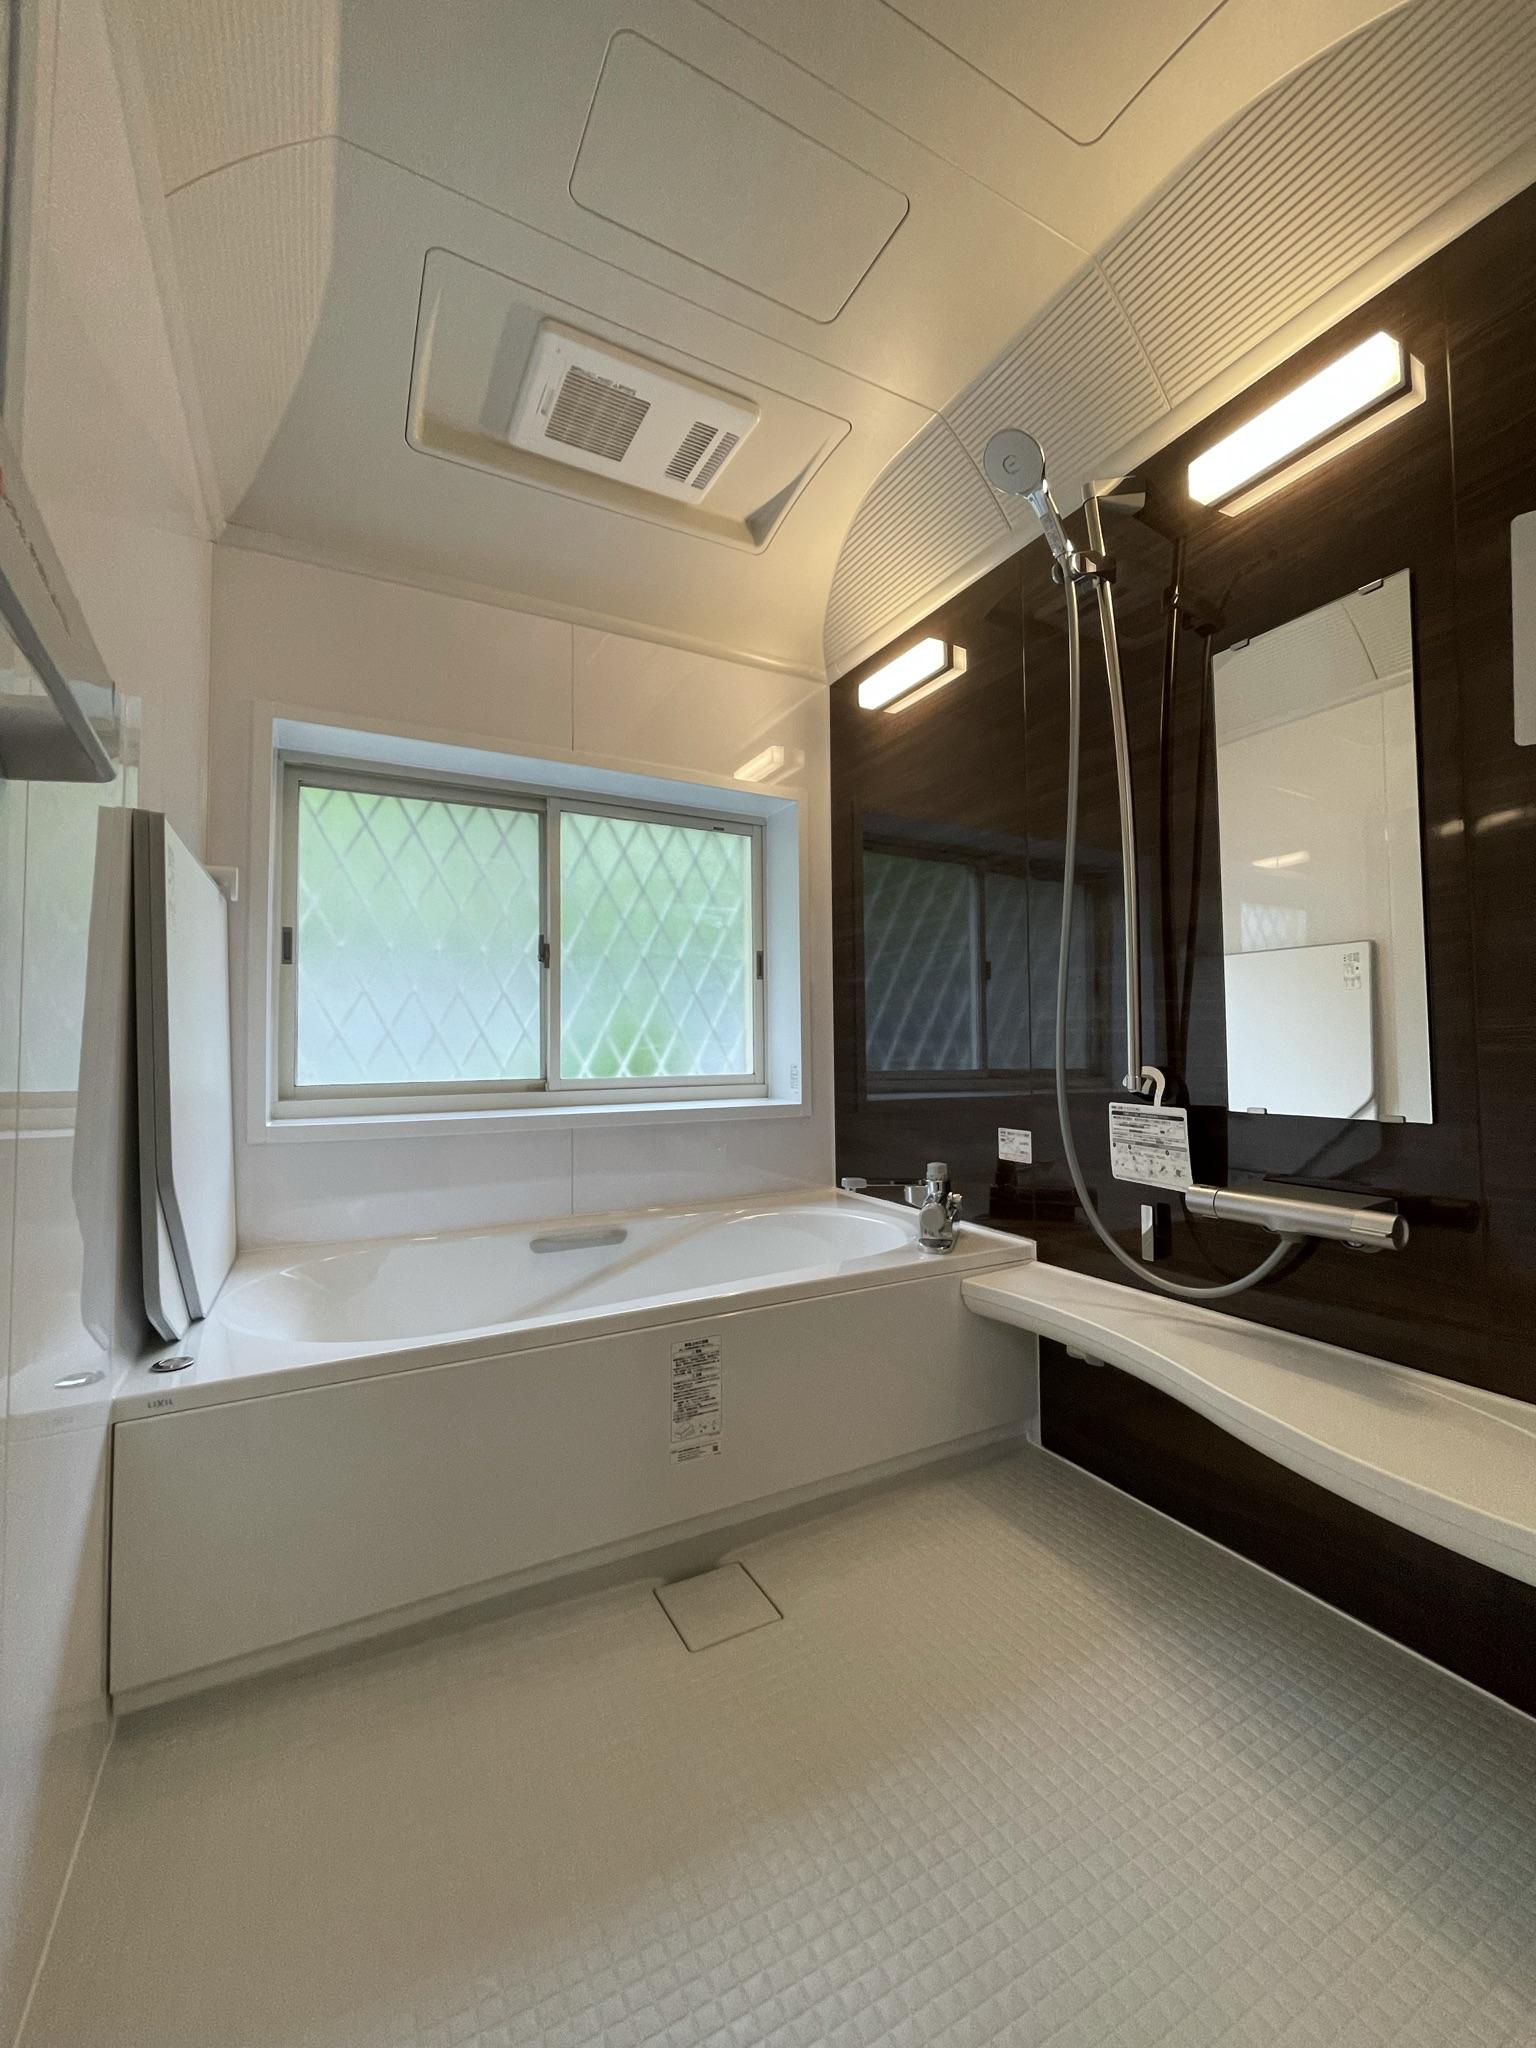 LIXILアライズ  「キレイサーモフロア」と「まる洗いカウンター」でお手入れ楽々♬  ユニットバスの入れ替えも致します!